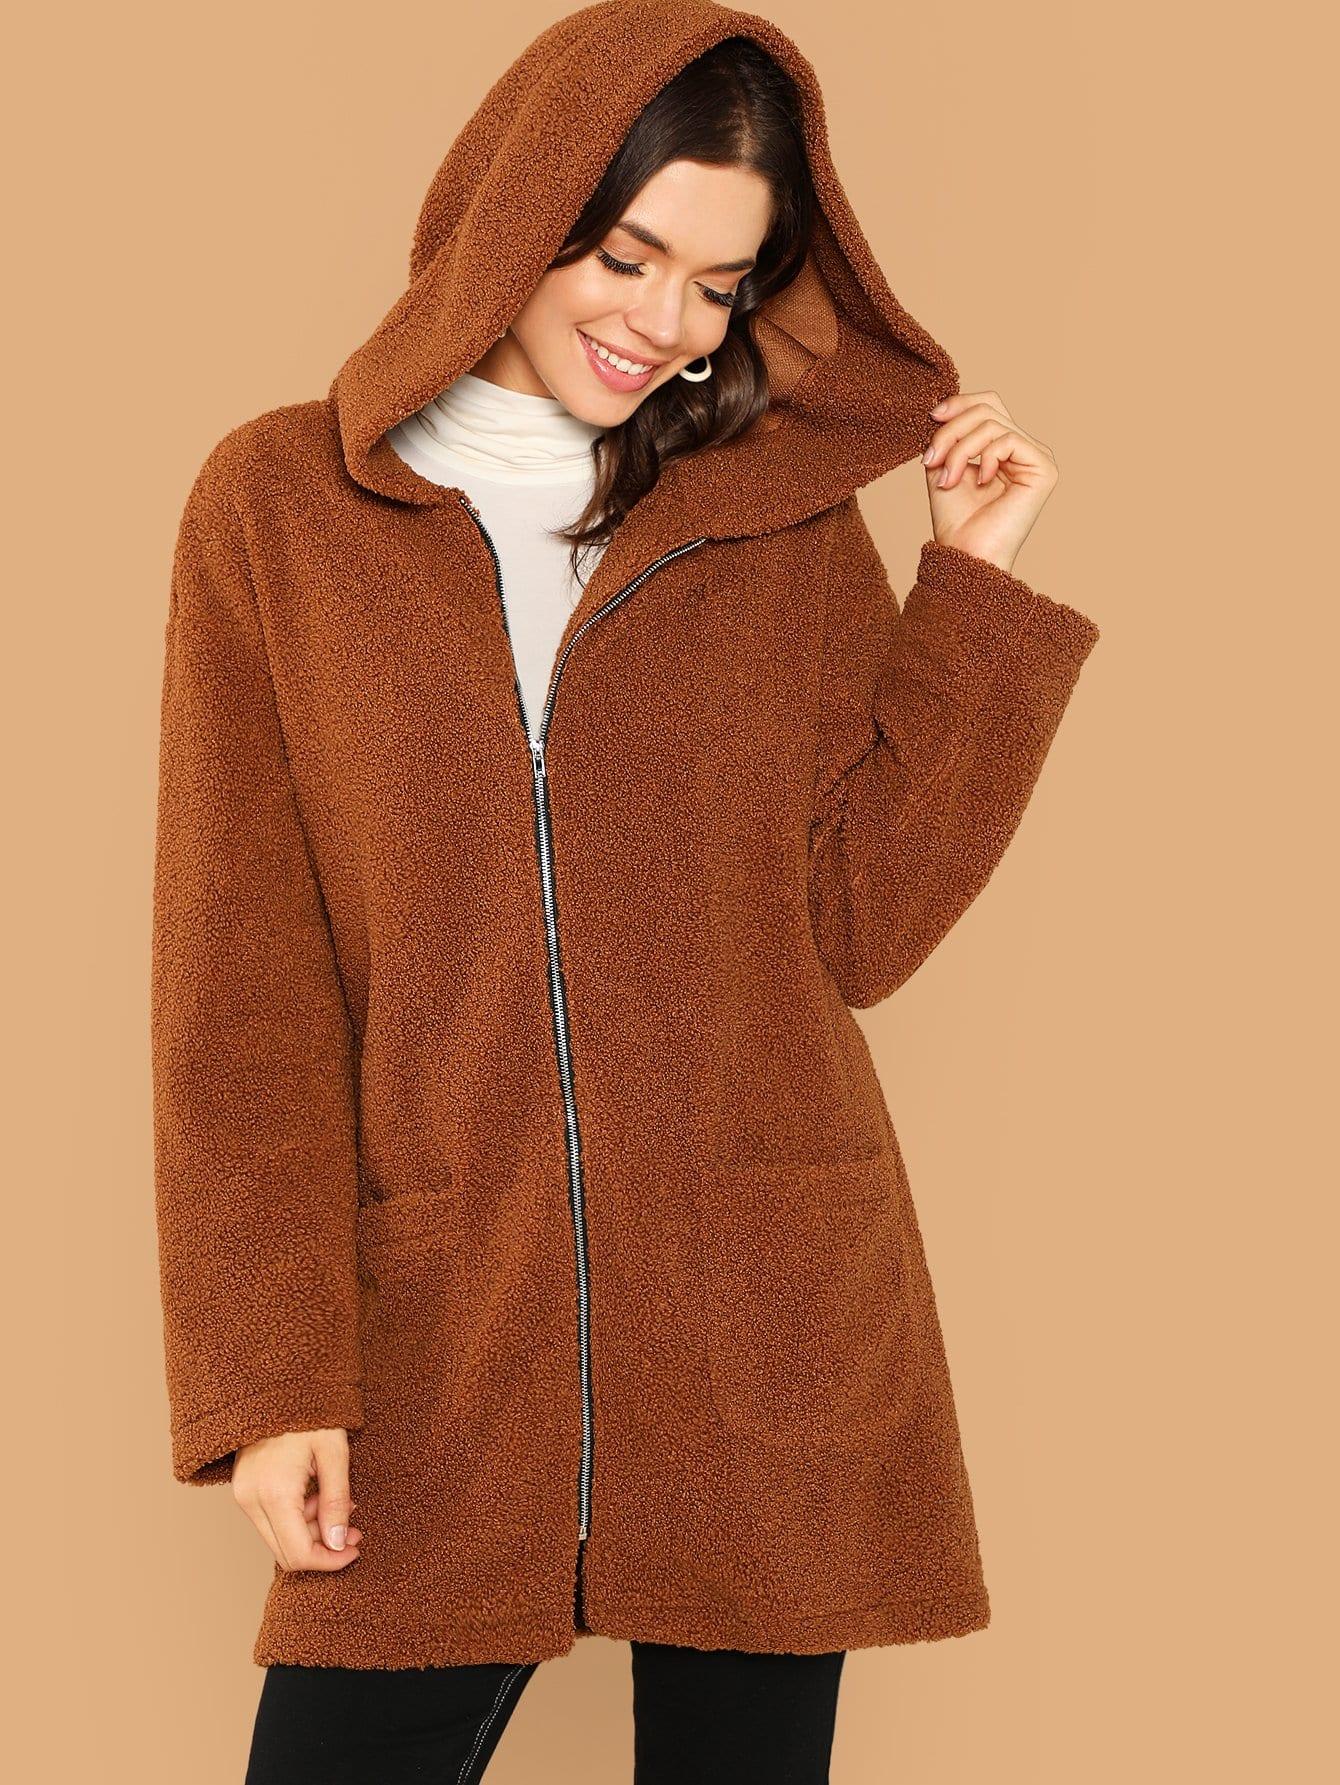 Тедди пальто с капюшоном на молнии с карманом, Alex Rousset, SheIn  - купить со скидкой